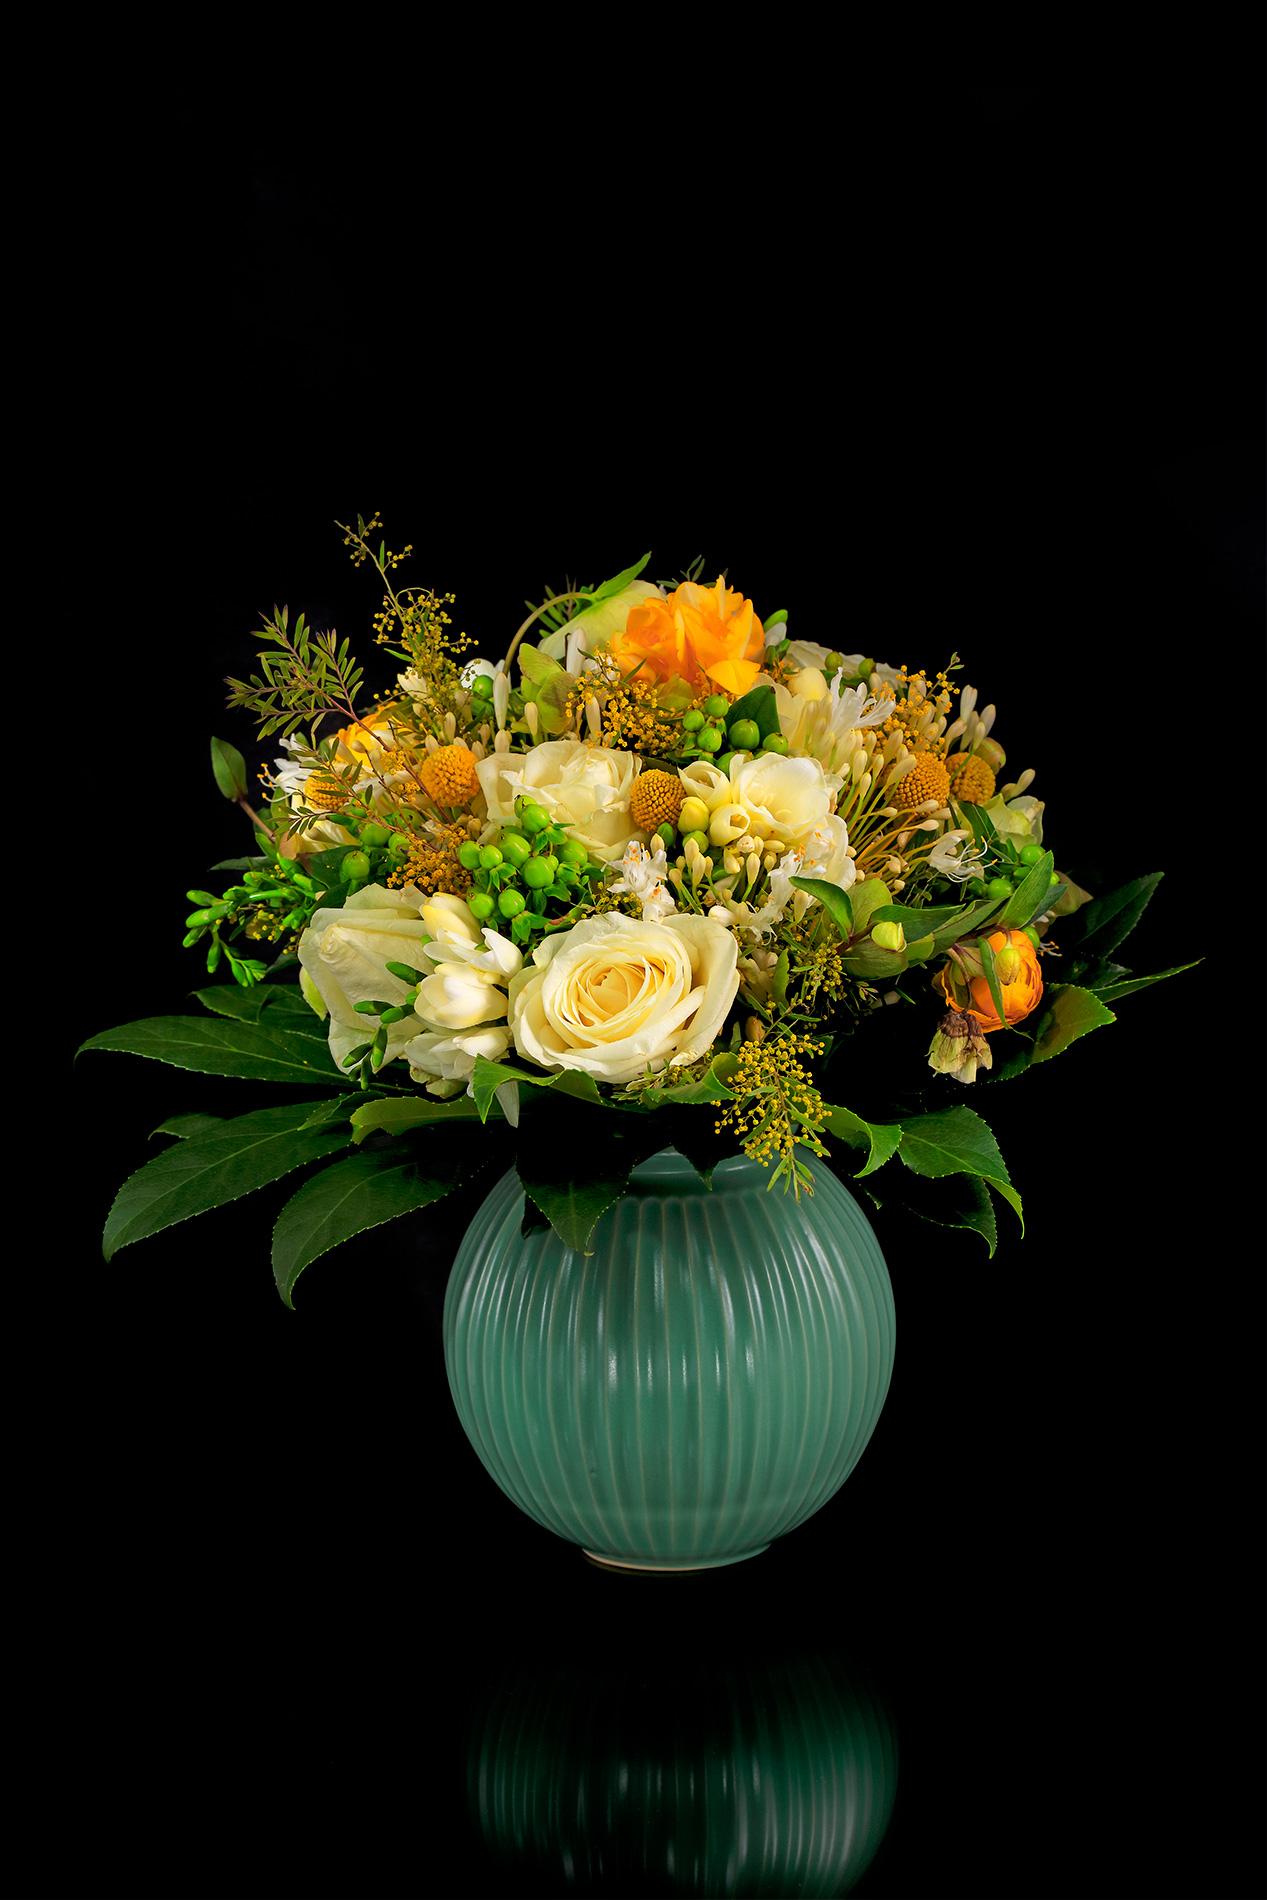 Composizione floreale danese...